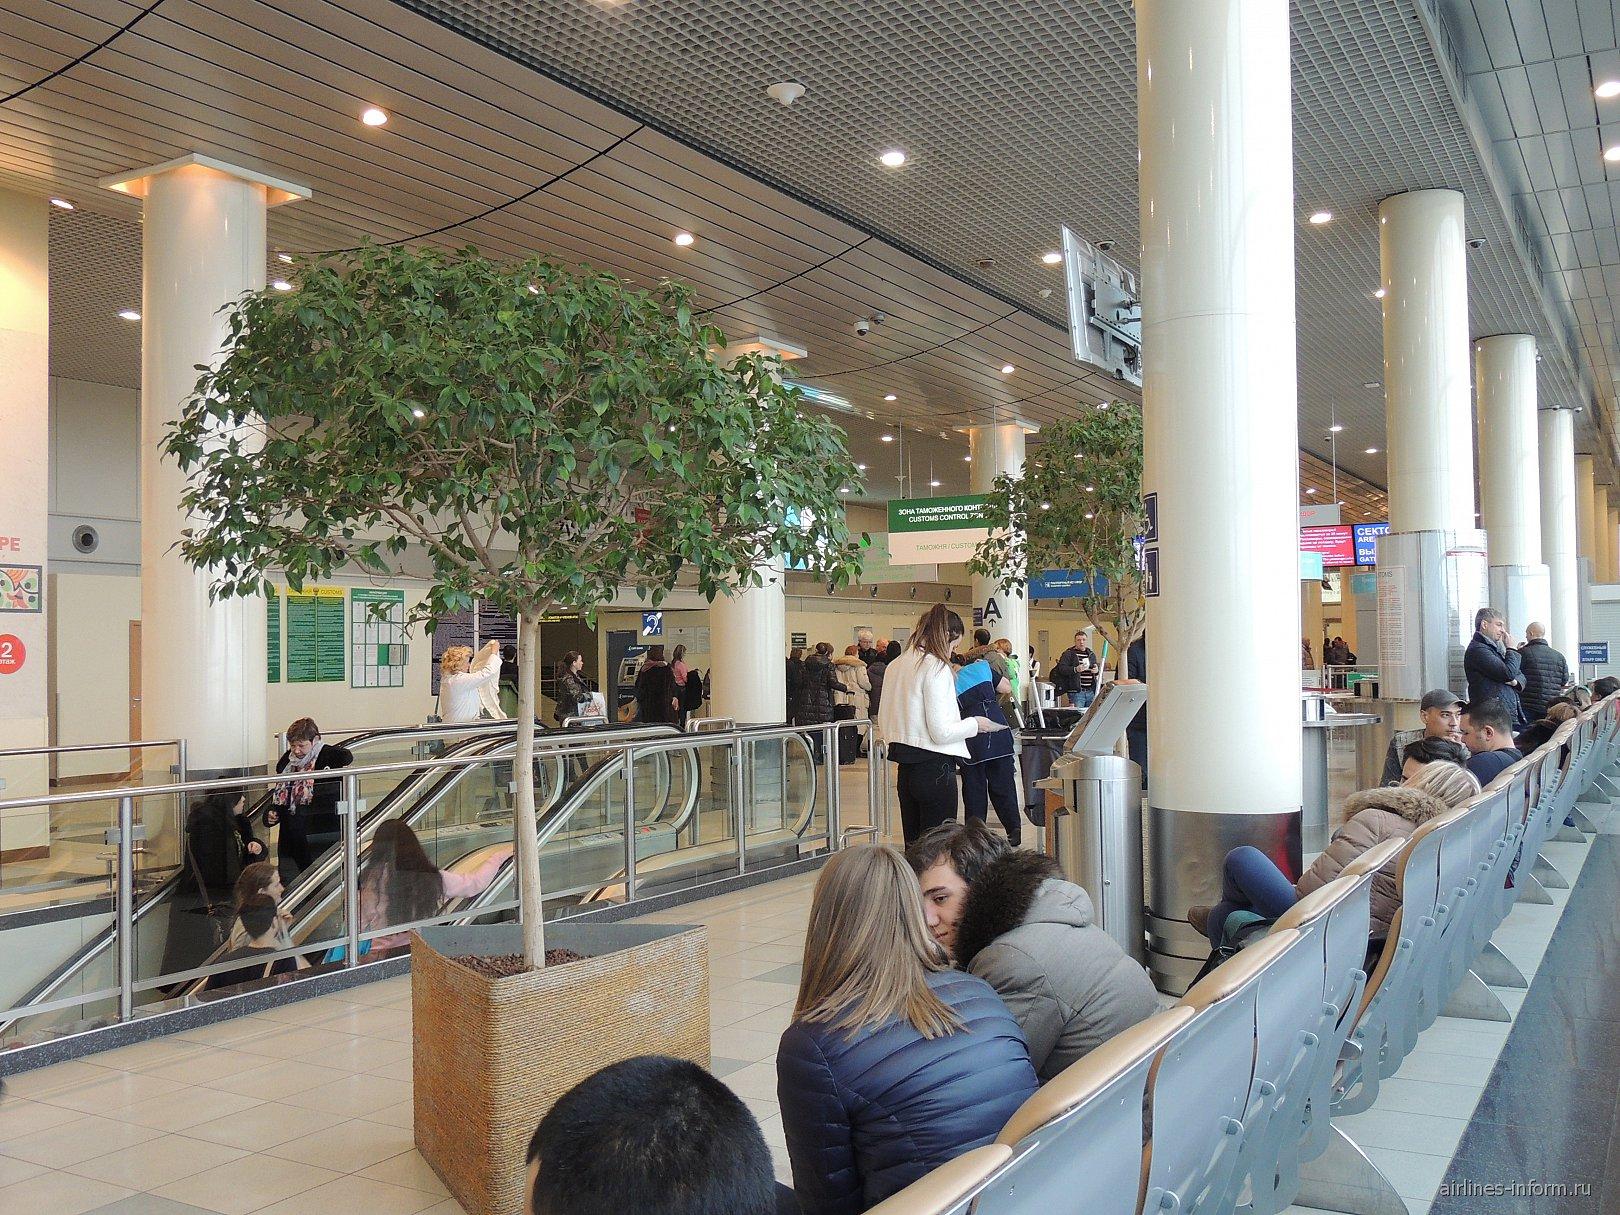 На 2-м этаже аэровокзала аэропорта Домодедово